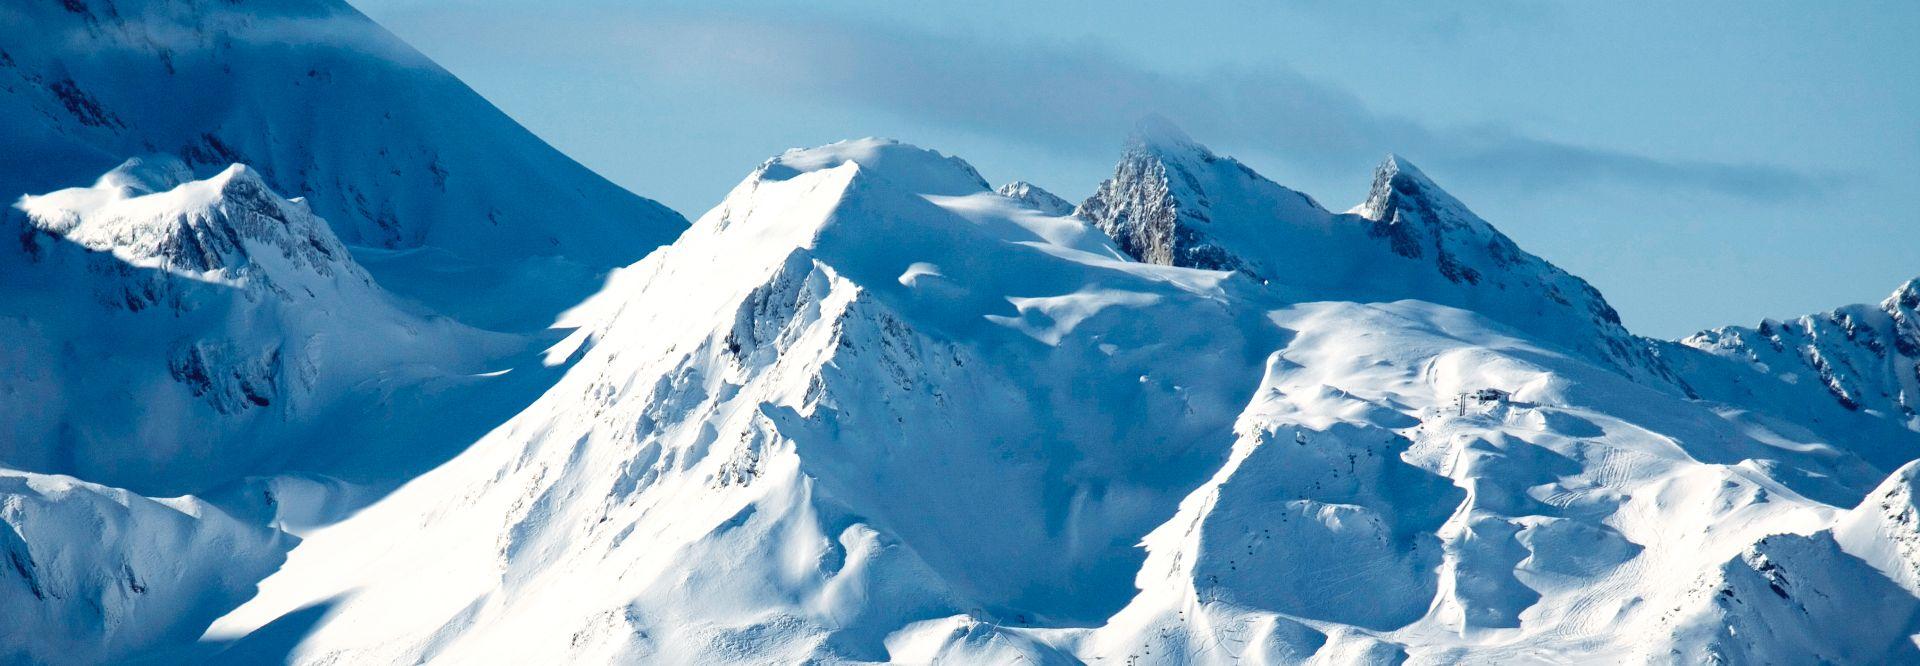 Verschneite Berge im Urlaubsgebiet Tux Finkenberg